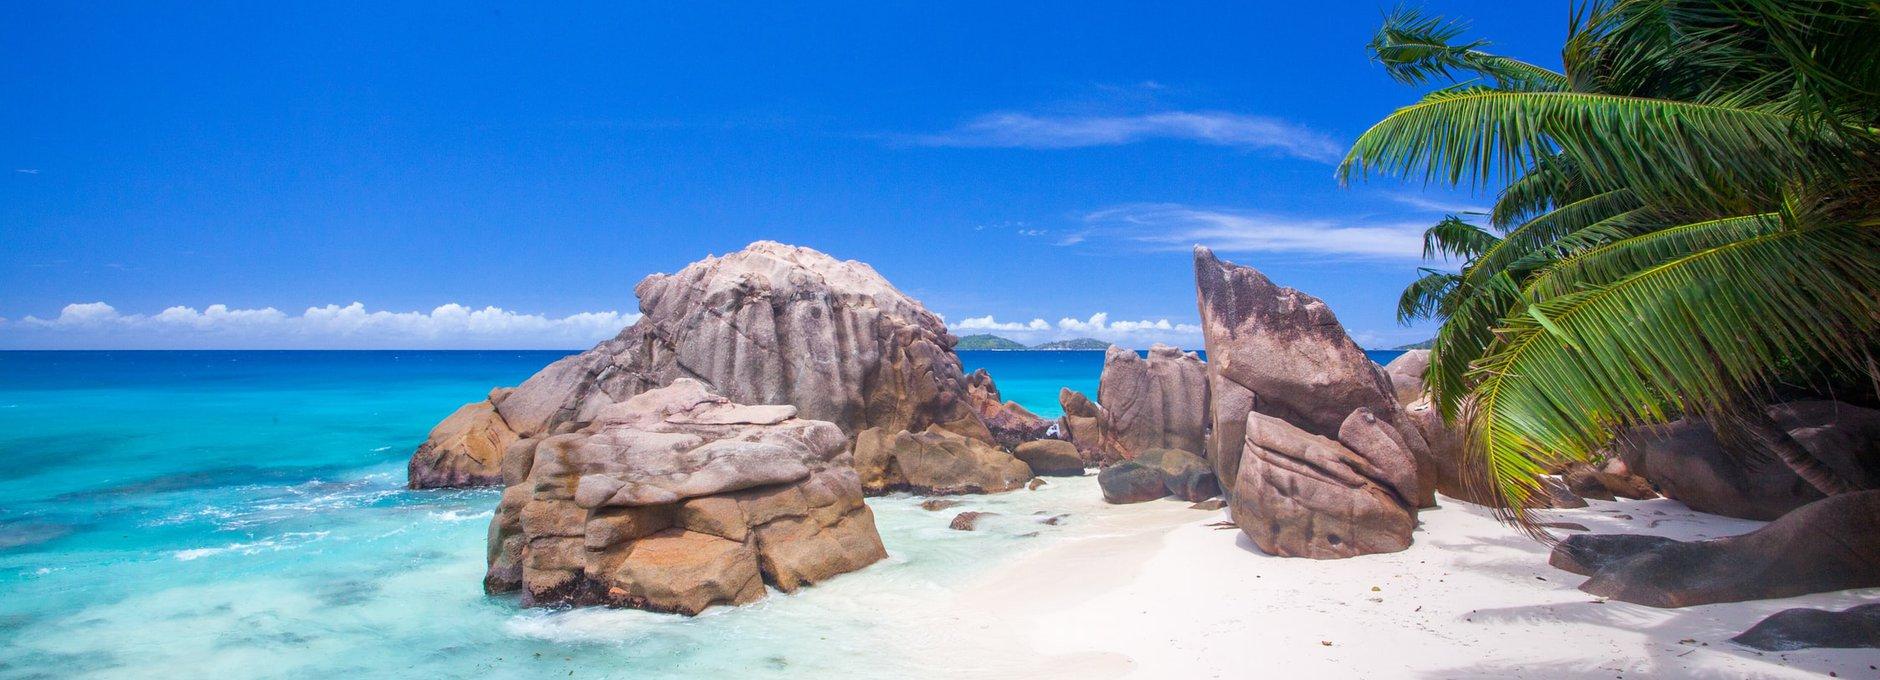 Seychelles.jpeg